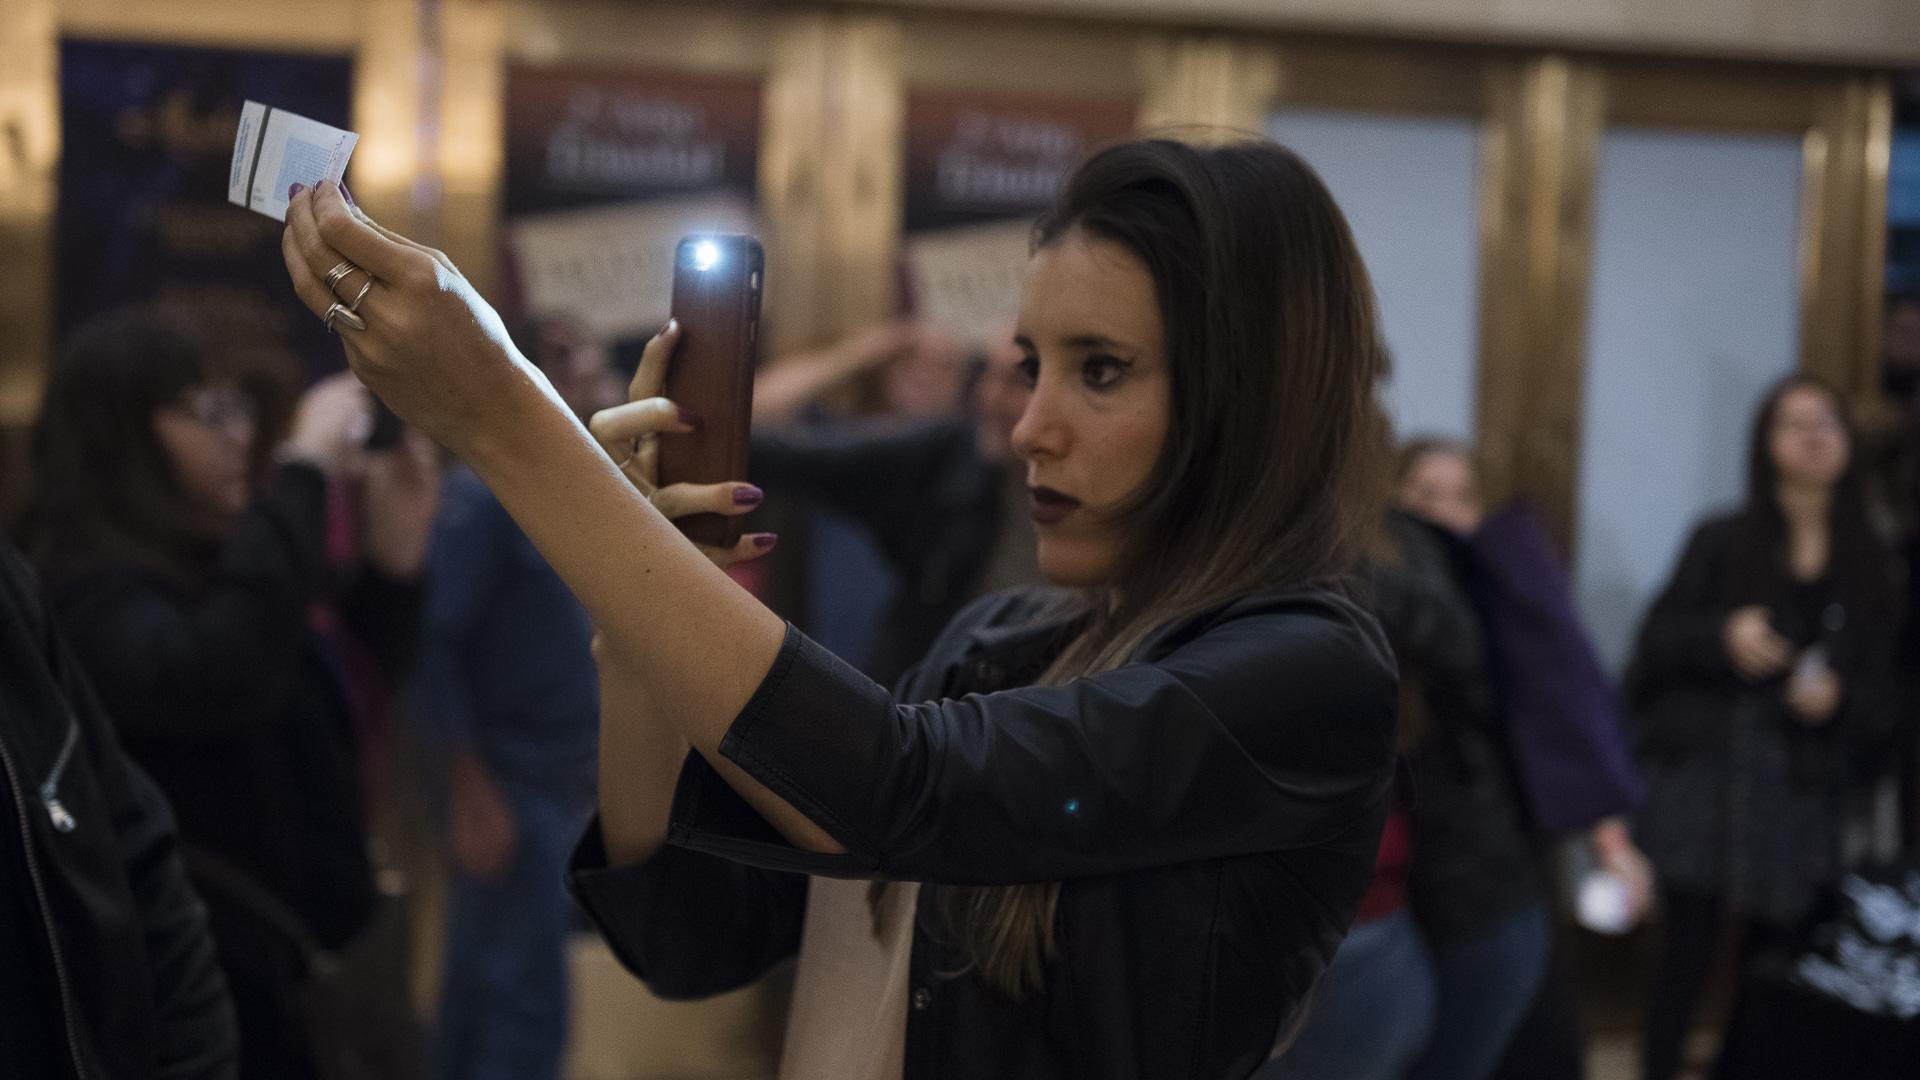 Otra de las fanáticas, tomando una fotografía a su ticket